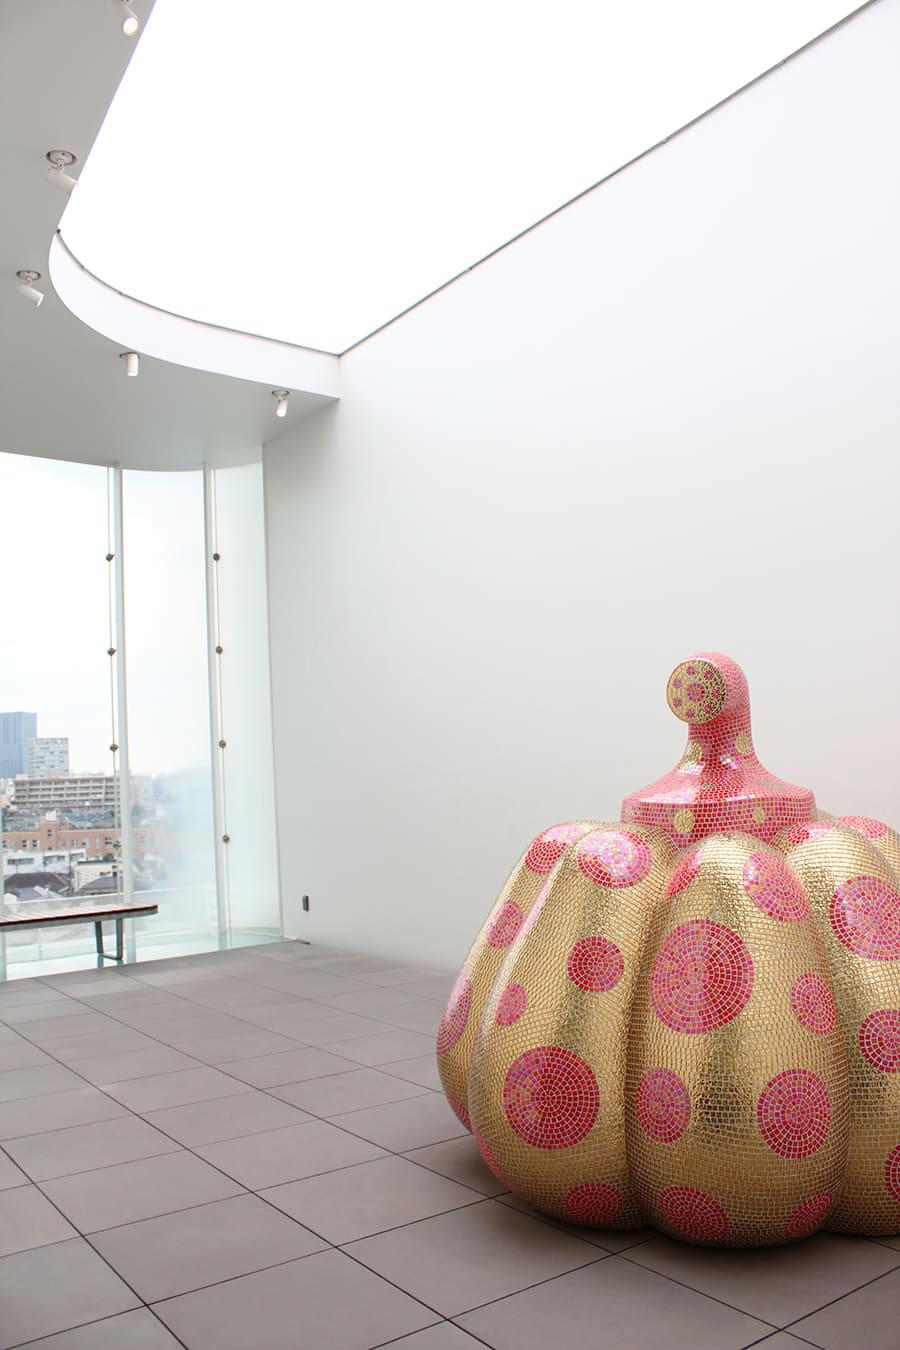 草間彌生美術館 大型のかぼちゃのオブジェ